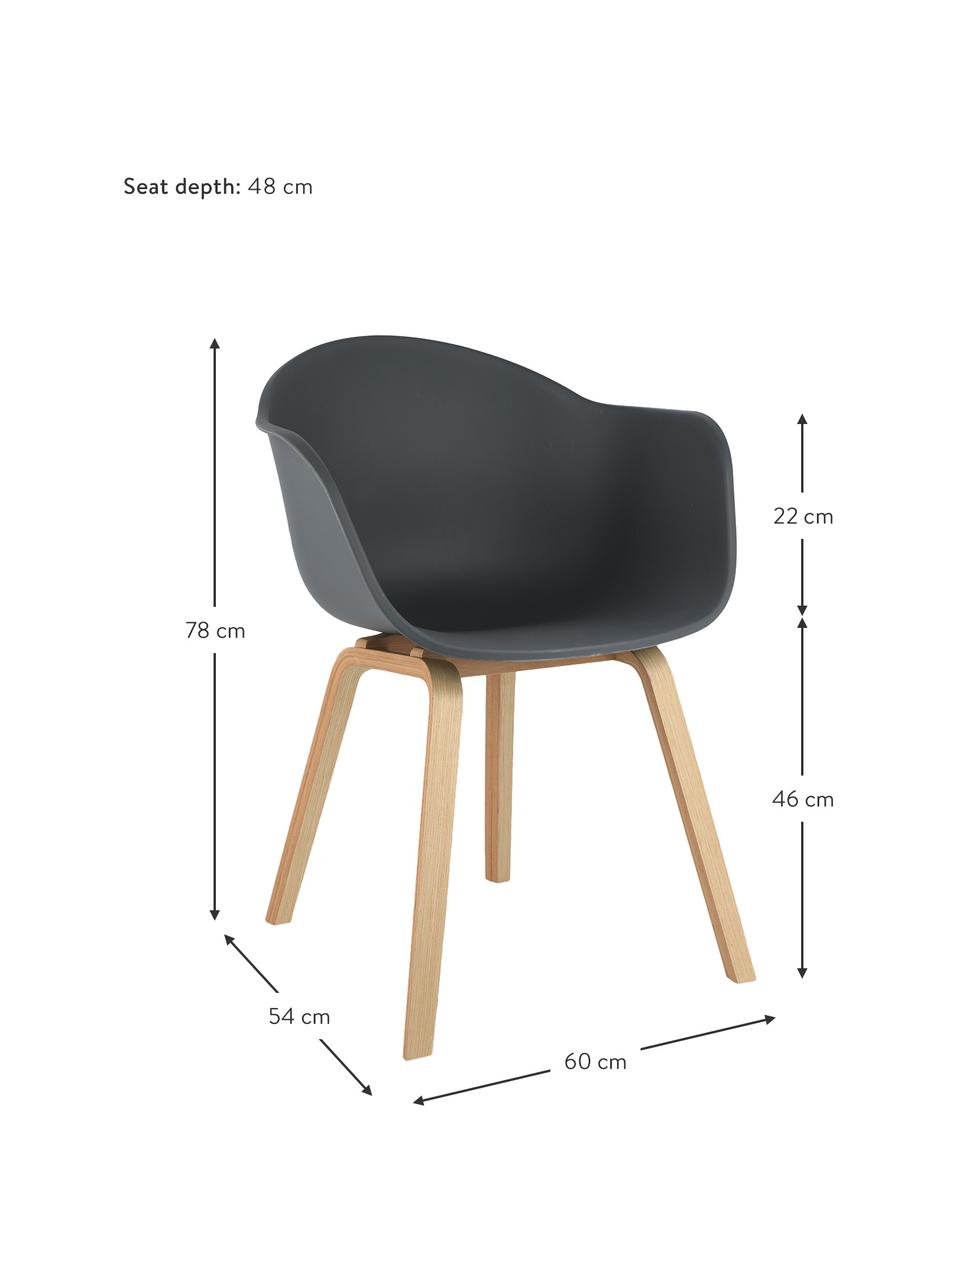 Krzesło z podłokietnikami z tworzywa sztucznego Claire, Nogi: drewno bukowe, Szary, S 60 x G 54 cm